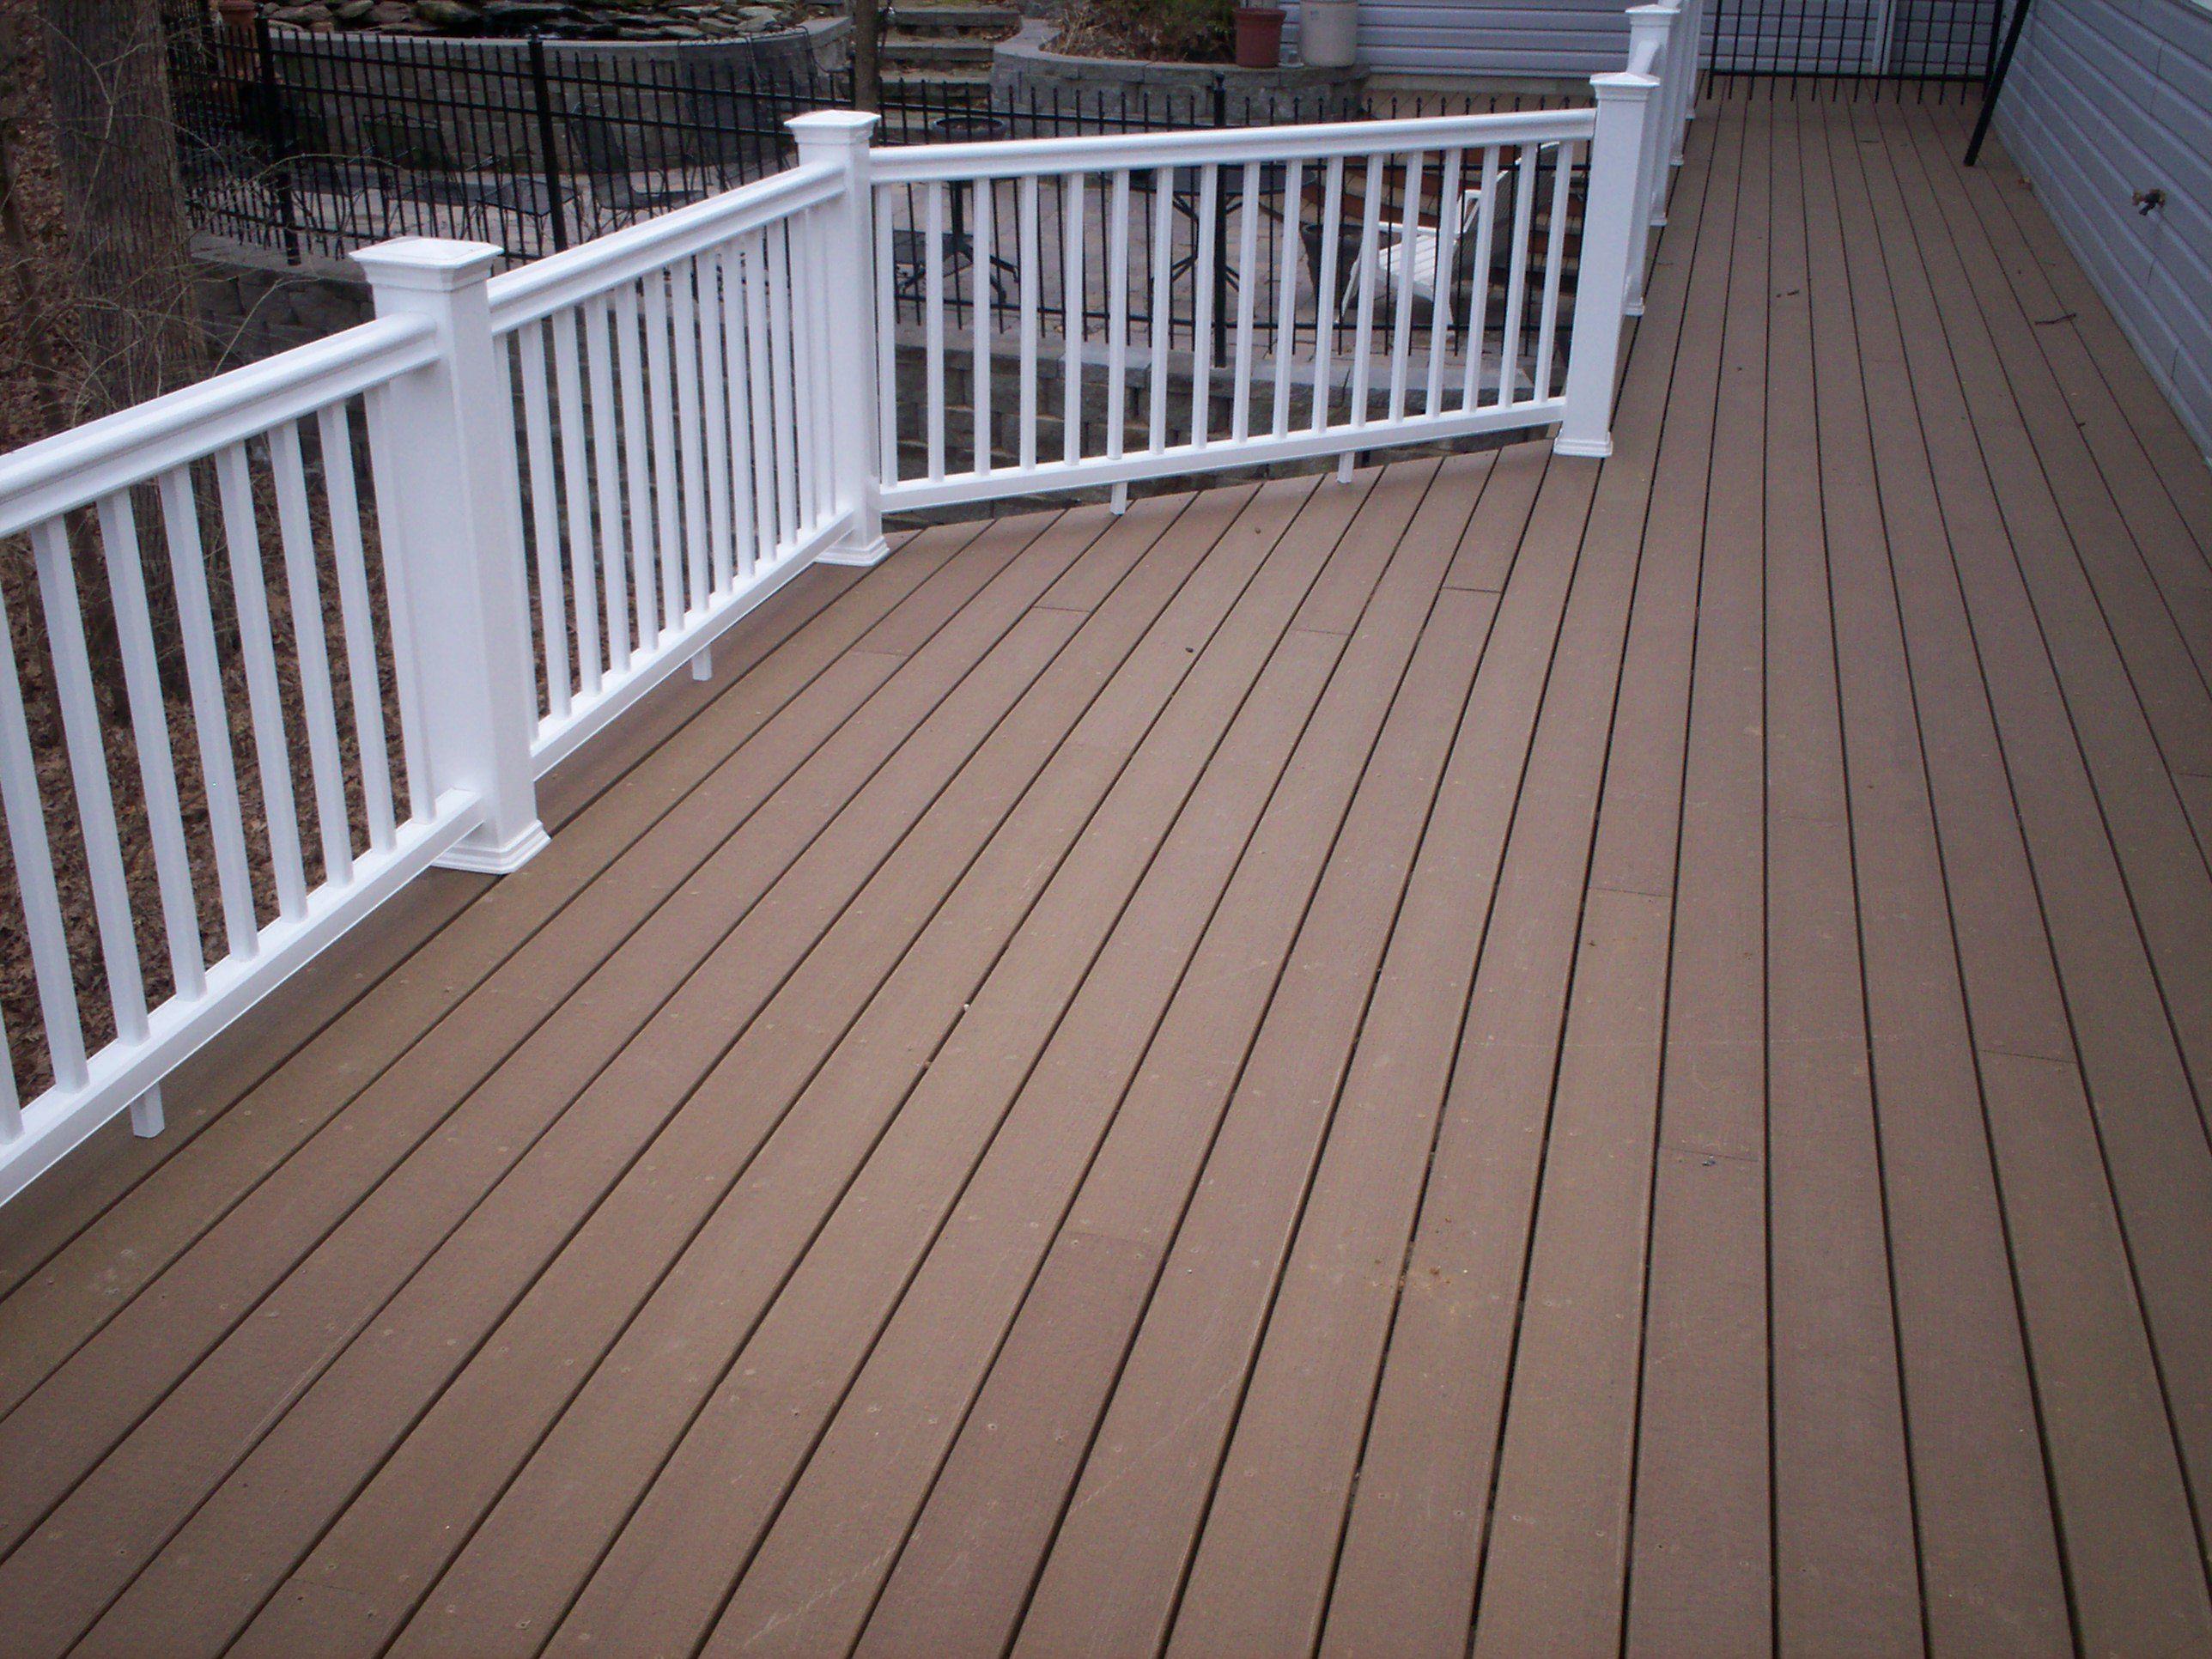 Composite decking builds awesome decks decking synthetic deck composite decking builds awesome decks st louis decks porches baanklon Images